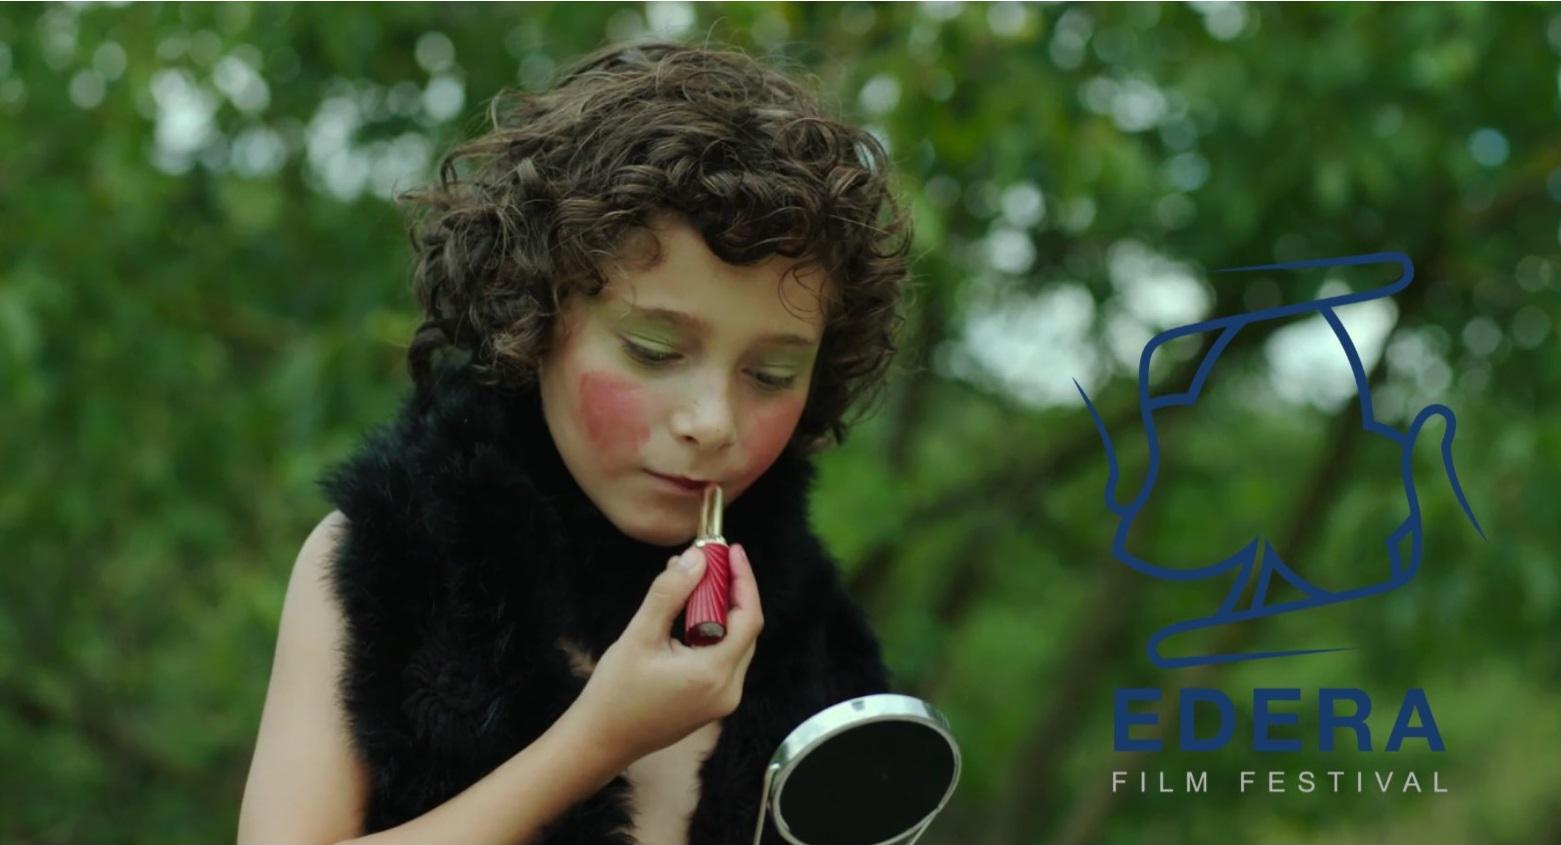 """""""Edera Film Festival 2018"""": a Treviso si punta sui giovani talenti del panorama contemporaneo"""